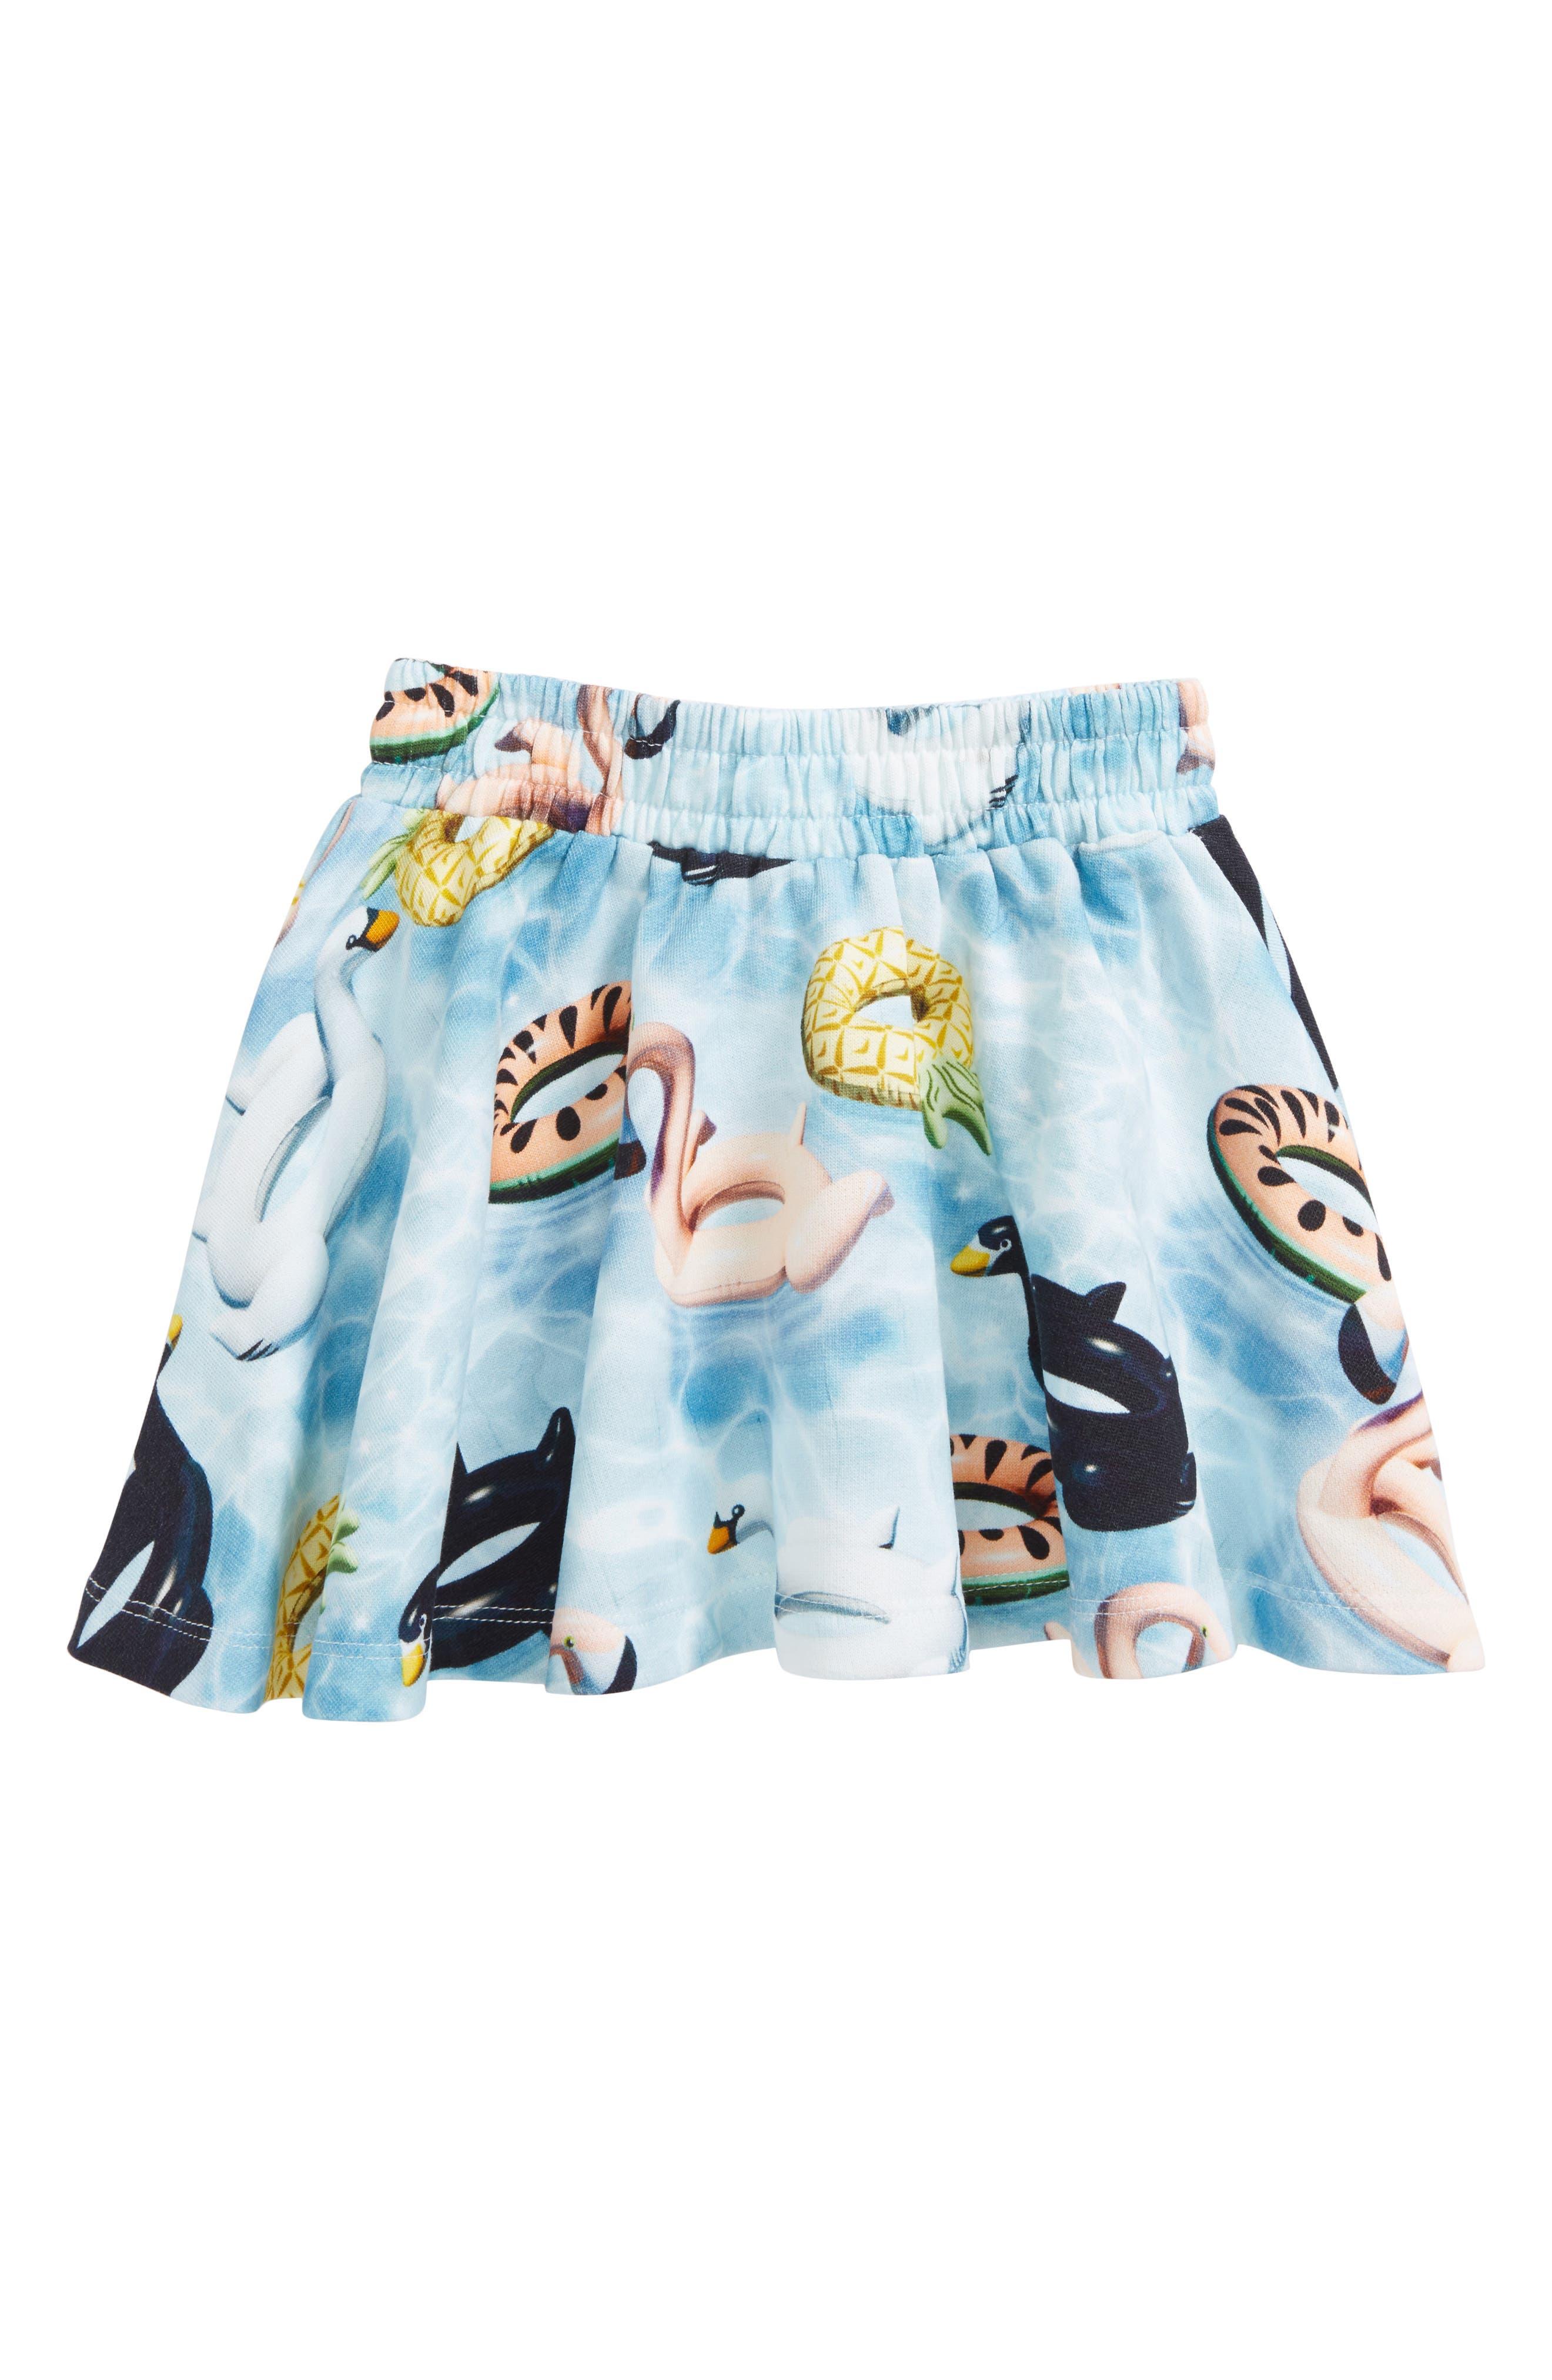 Barbera Pool Float Skirt,                             Main thumbnail 1, color,                             Pool Fun